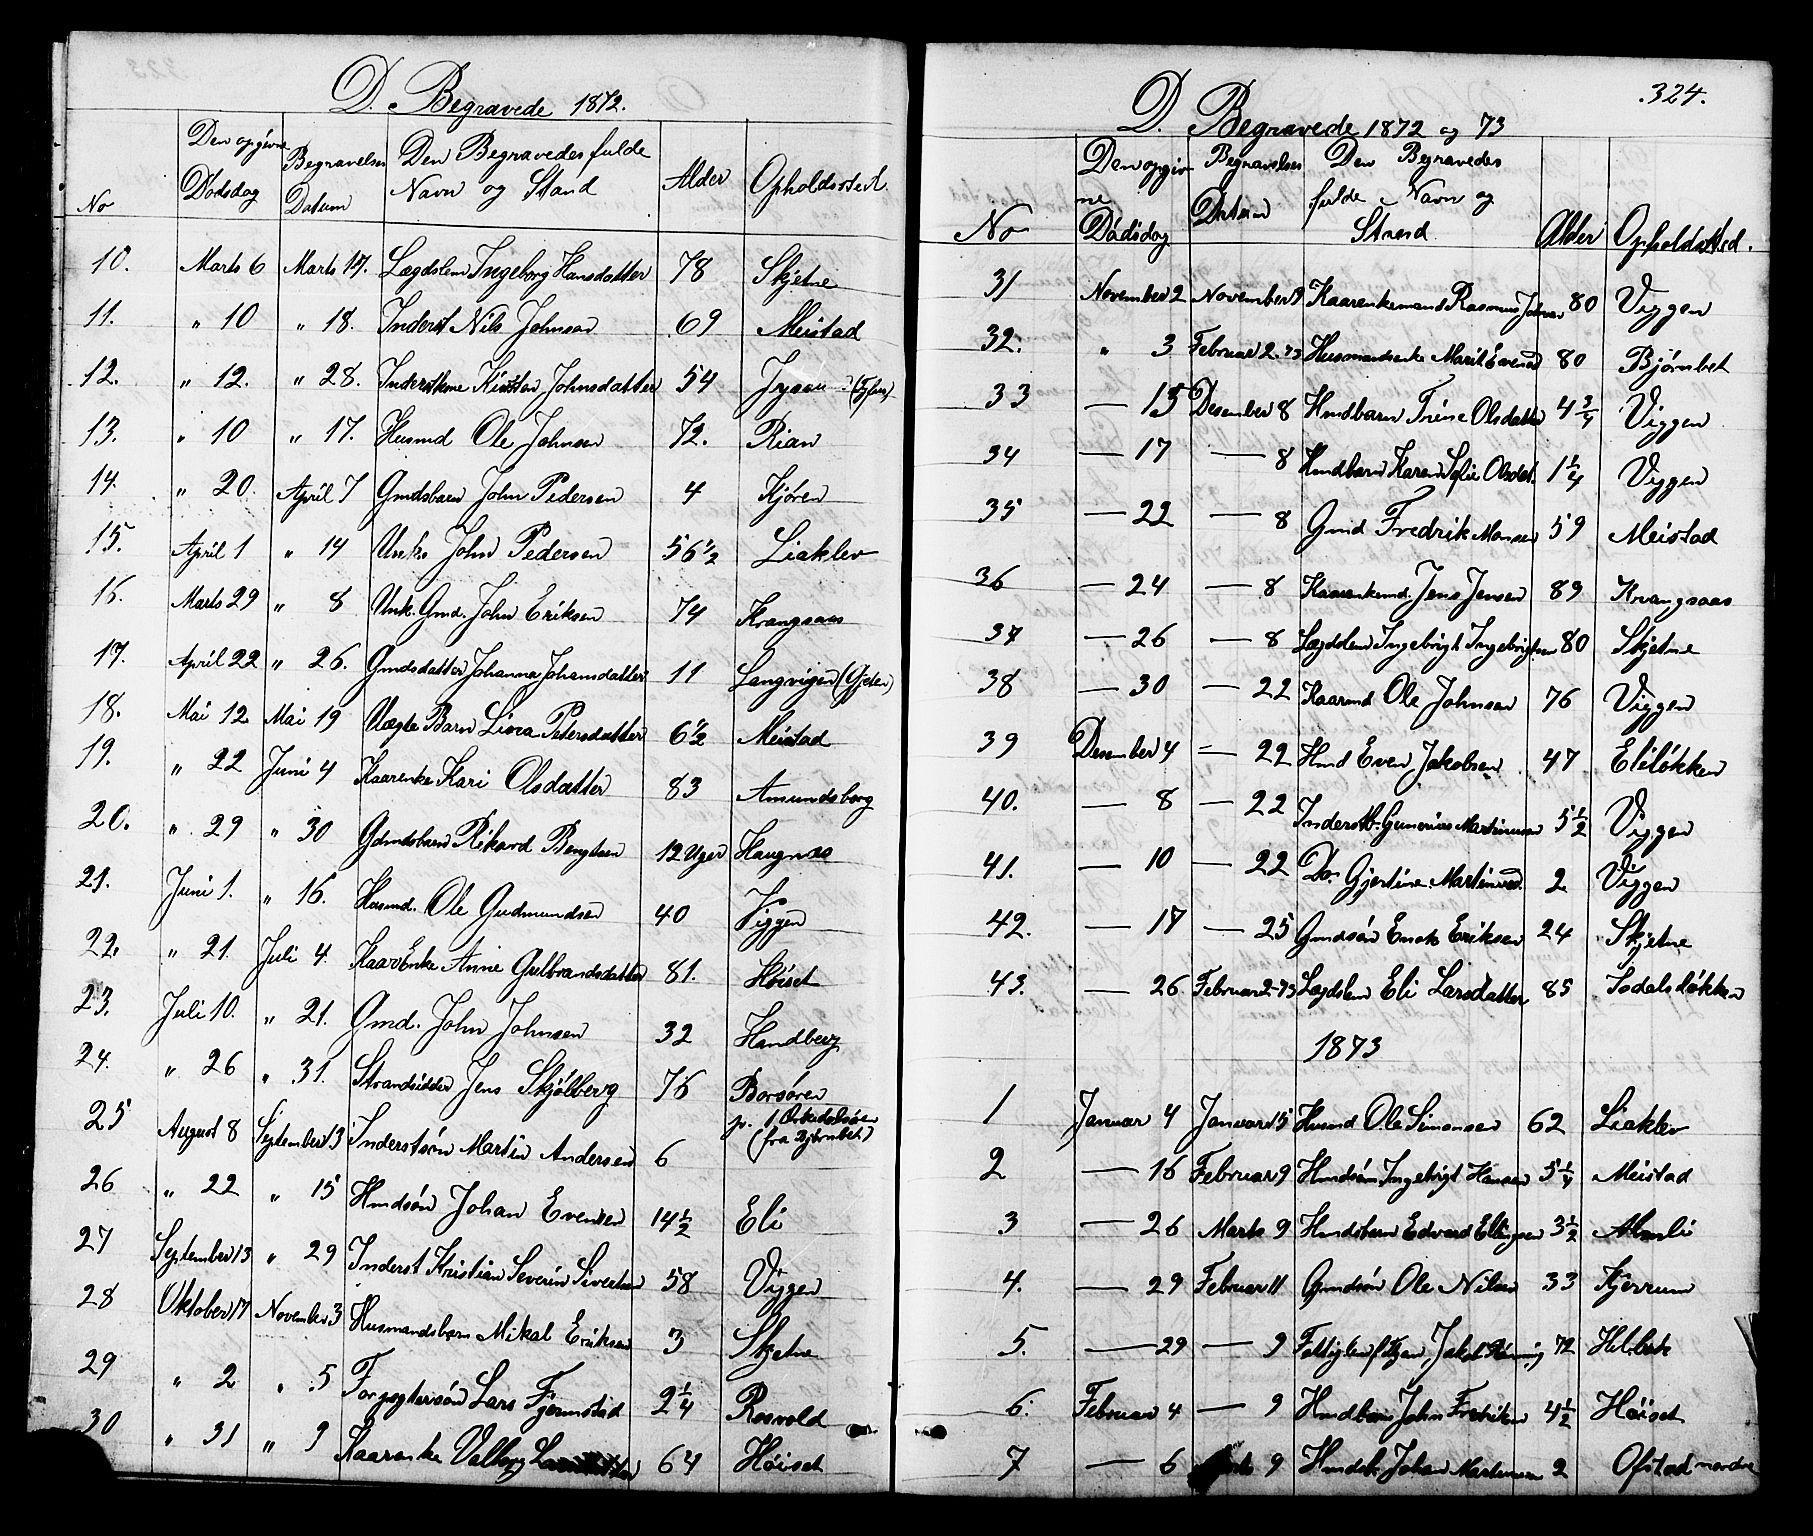 SAT, Ministerialprotokoller, klokkerbøker og fødselsregistre - Sør-Trøndelag, 665/L0777: Klokkerbok nr. 665C02, 1867-1915, s. 324